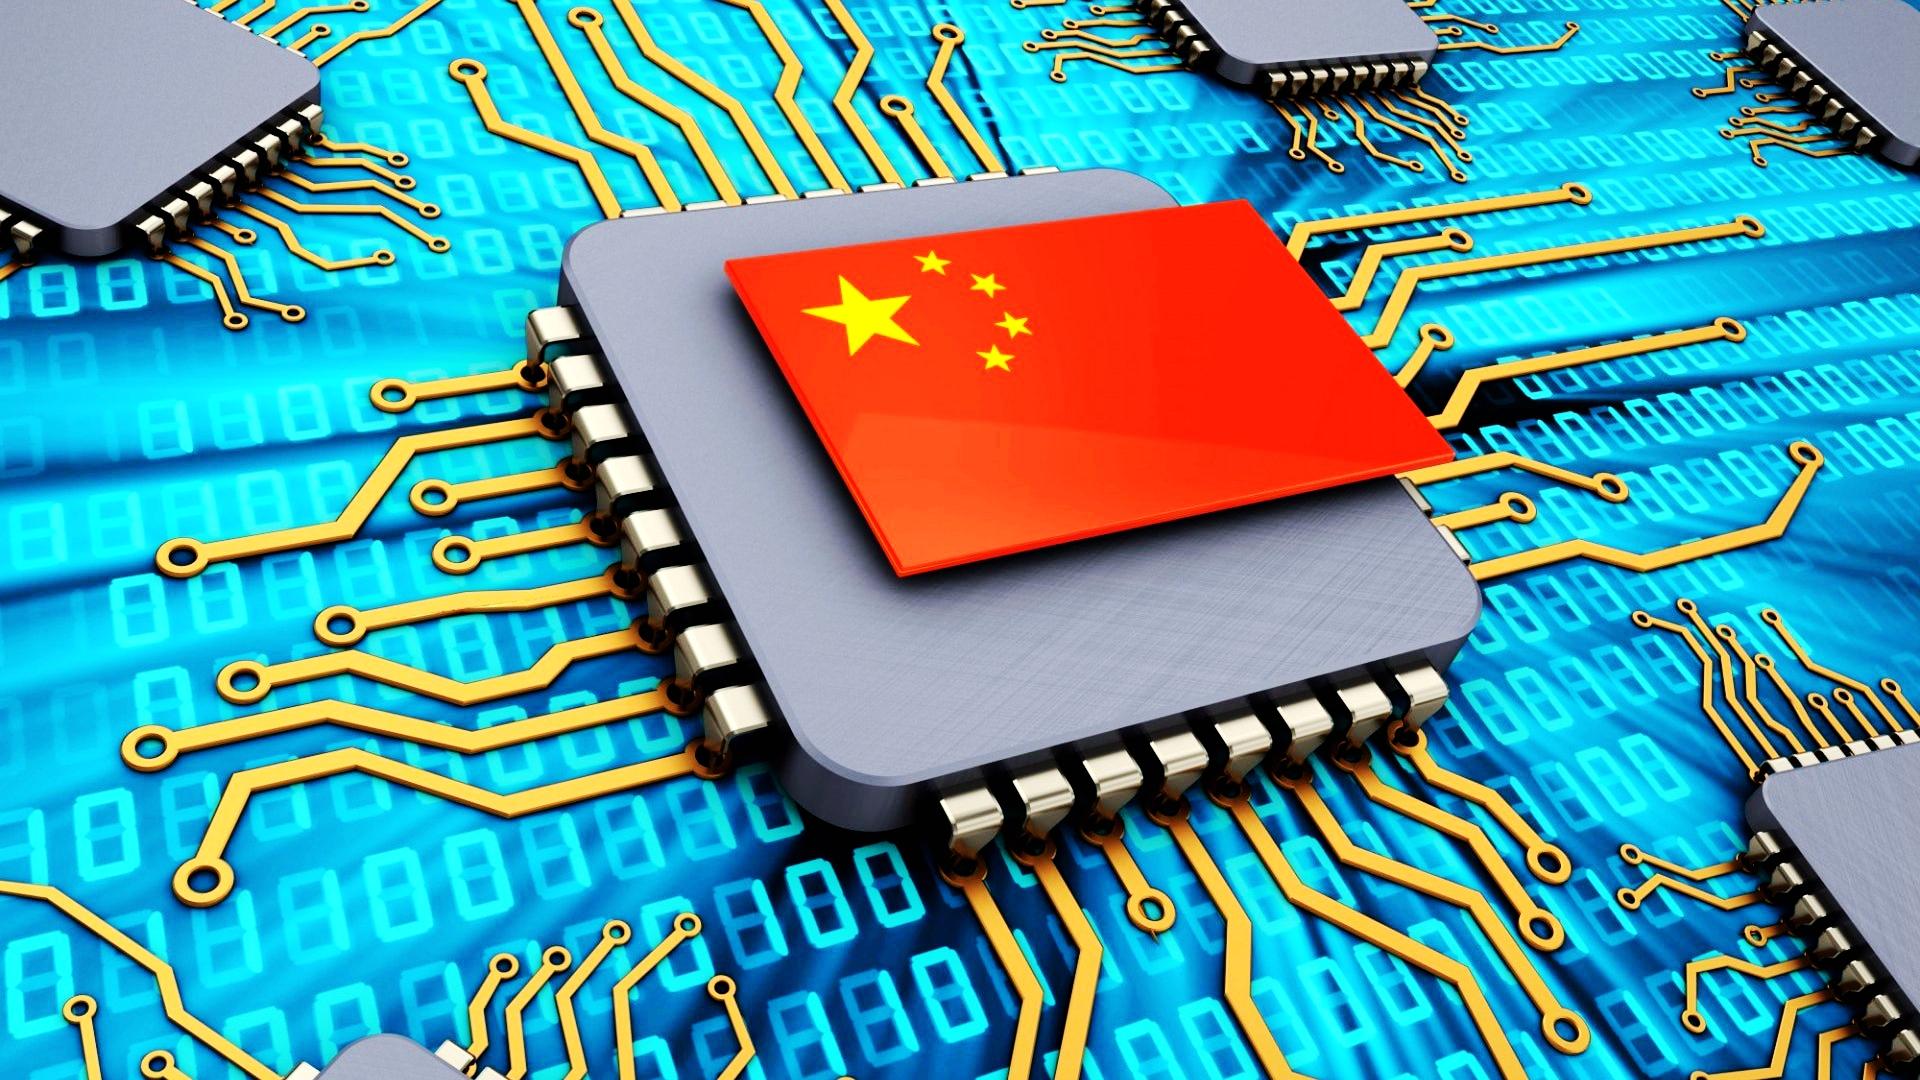 芯片国产化传来好消息,我国有两大优势!冲破市场壁垒?拭目以待